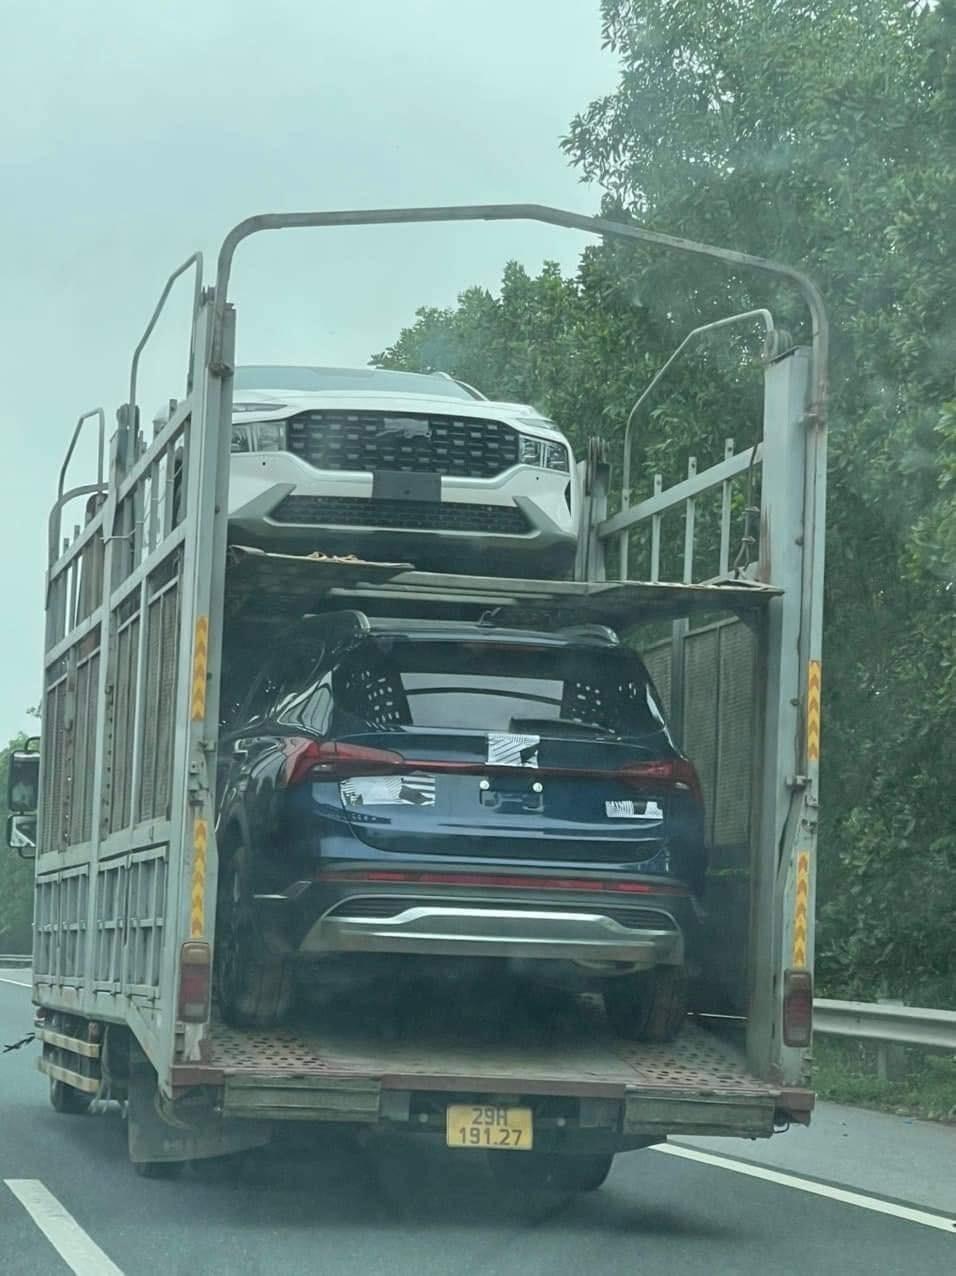 Những chiếc Hyundai Santa Fe 2021 với logo bị che kín mít từng bị bắt gặp trên xe chuyên chở về Hà Nội vào đầu tháng 3 vừa qua.